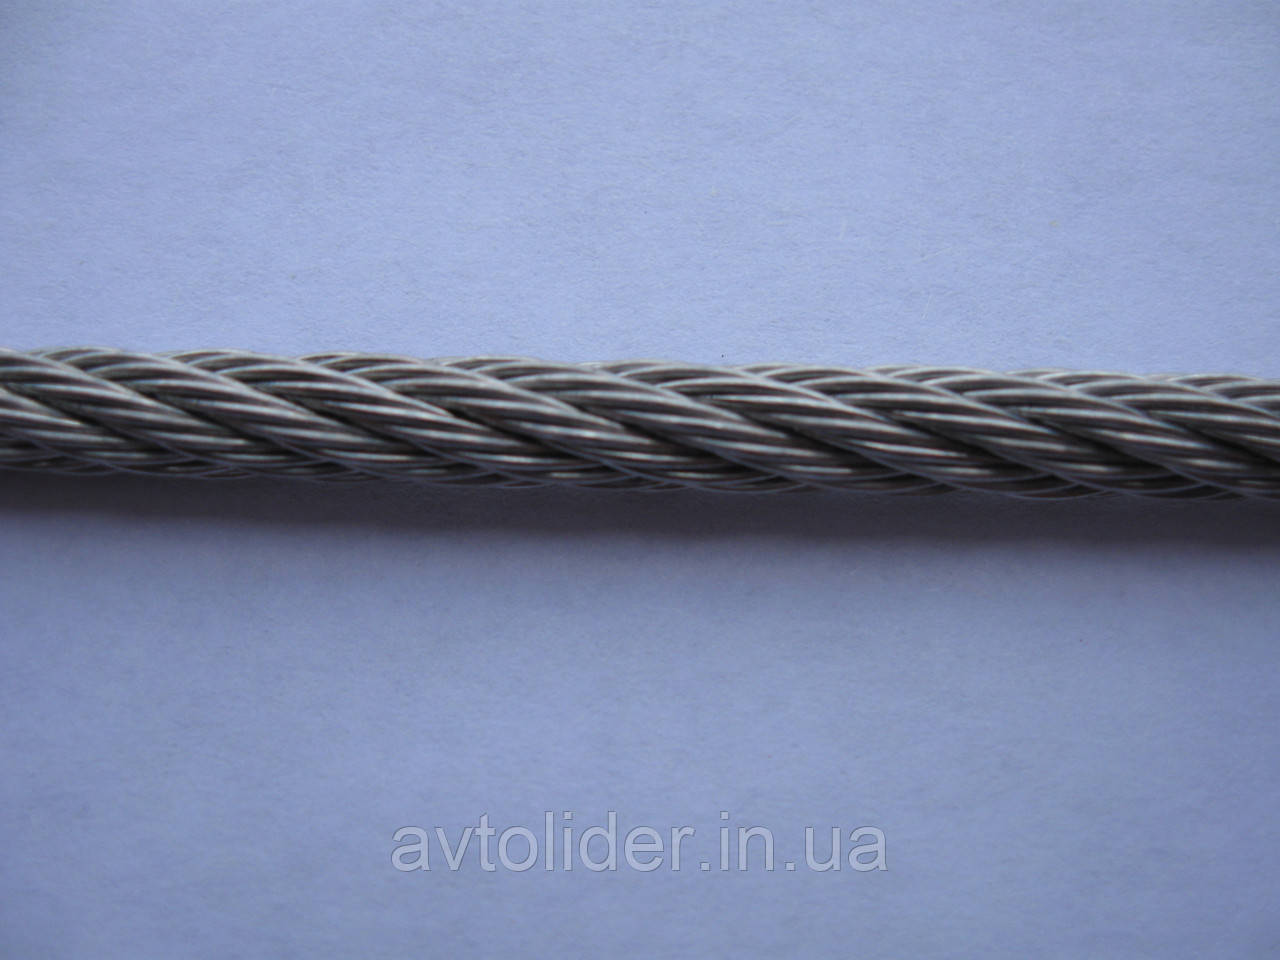 Нержавеющий трос, плетение 7х7, А2 (AISI 304).